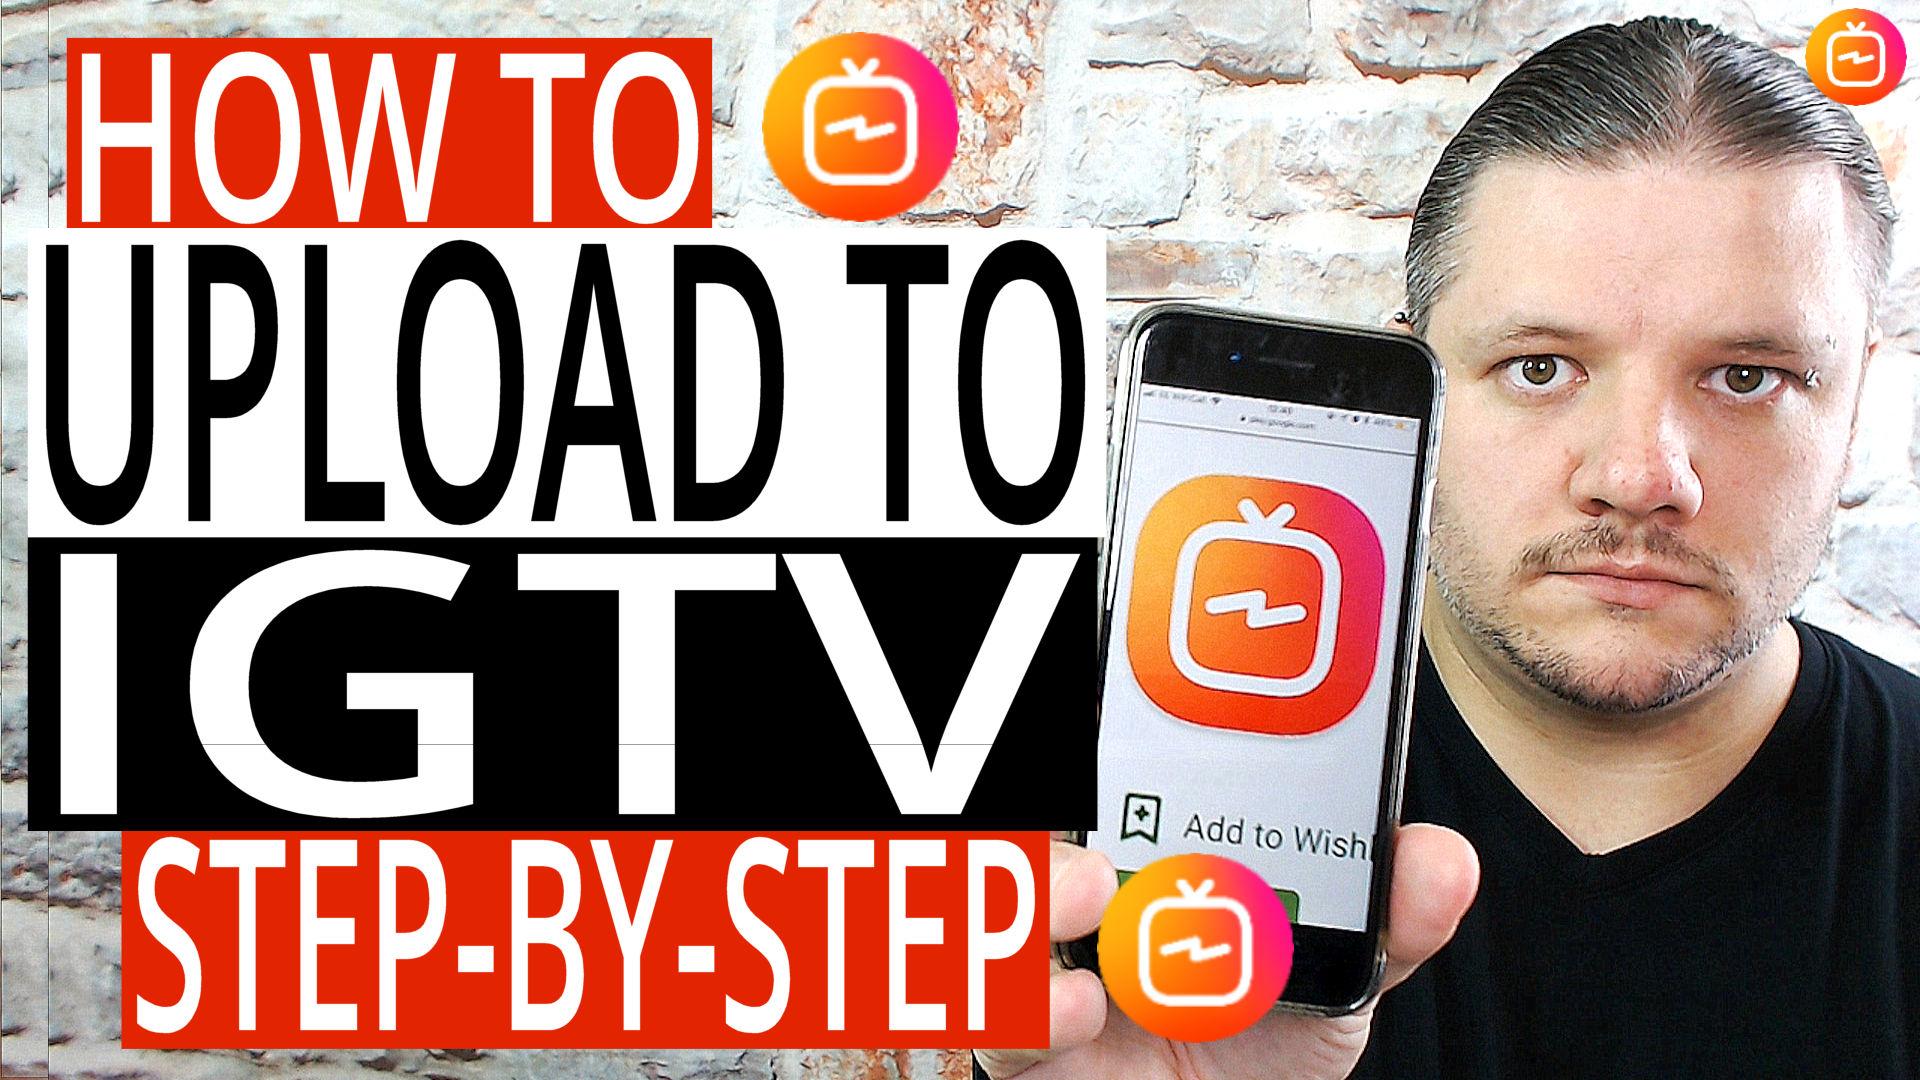 How To Upload To IGTV,Upload To IGTV,Upload on IGTV with your Phone,How To Upload on IGTV with your Phone,How To Upload on IGTV,igtv upload,igtv upload tutorial,igtv tutorial,how to upload videos on igtv,upload videos on igtv,upload youtube videos on igtv,how to upload to ig tv,igtv beginners tutorial,igtv tips,igtv step by step tutorial,igtv step by step,igtv,ig tv,instagram tv,instagram tv tutorial,igtv explained,how to use igtv,instagram,tutorial,asyt